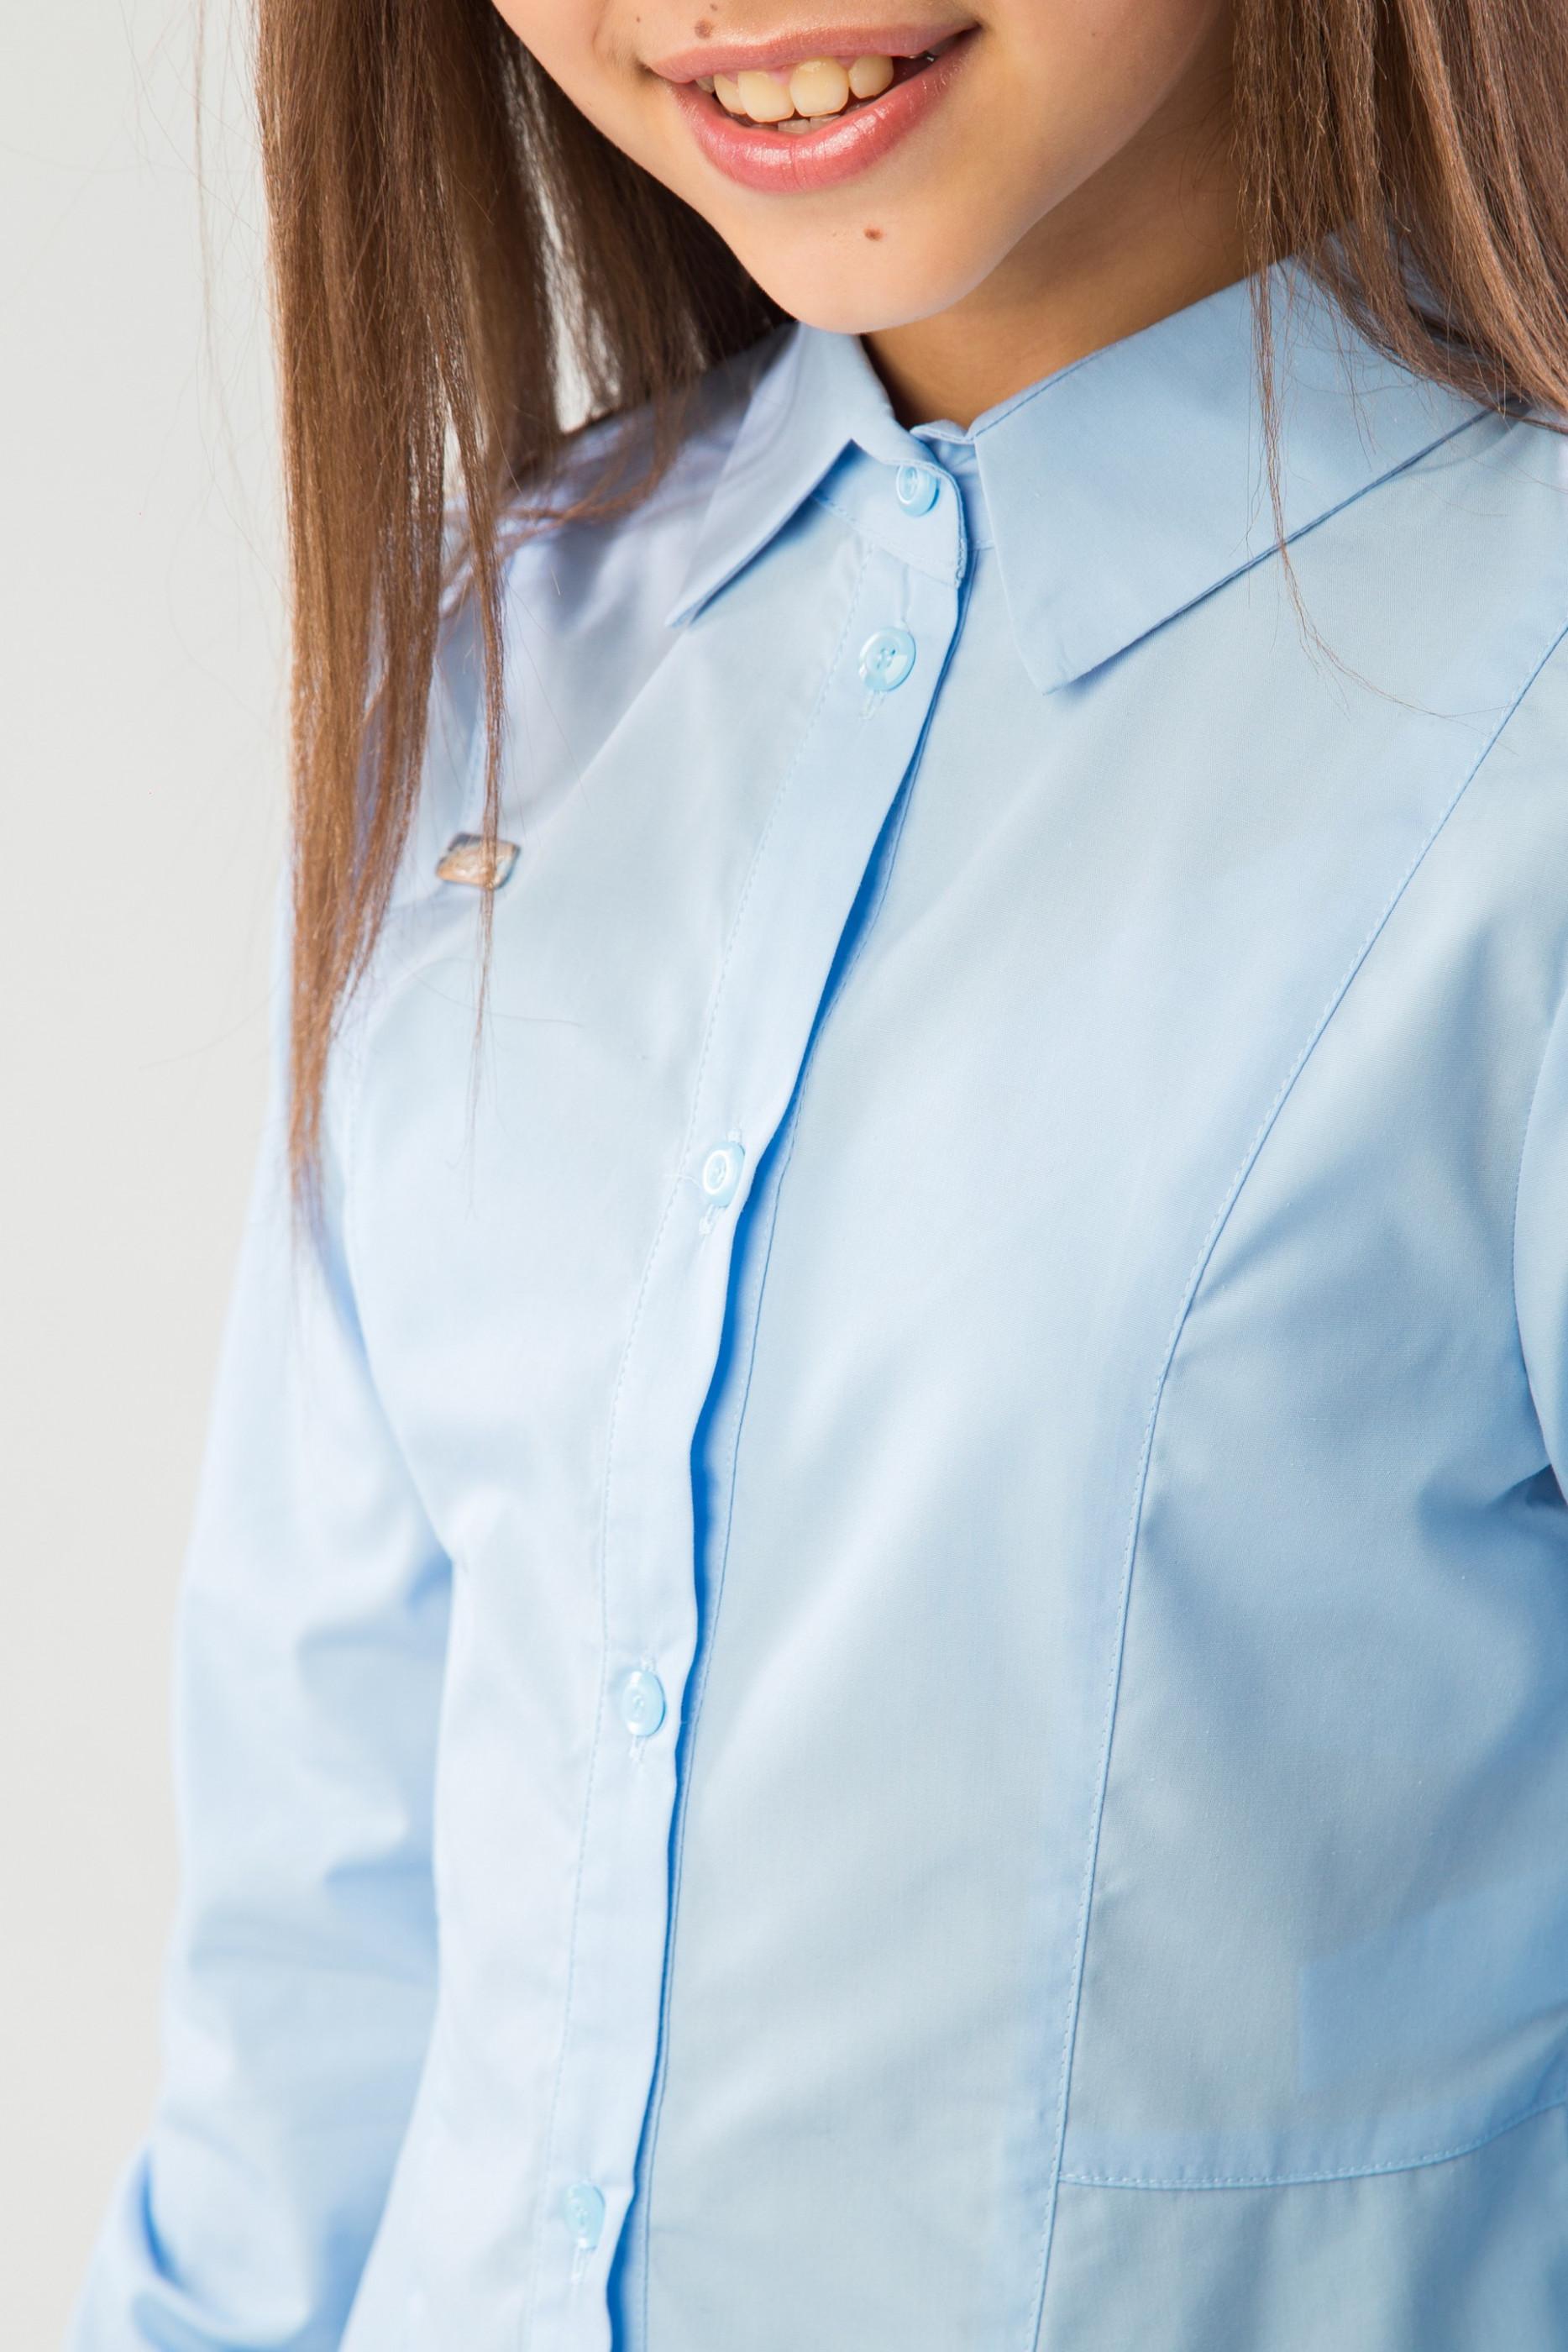 Сорочка Ітані, фото №2